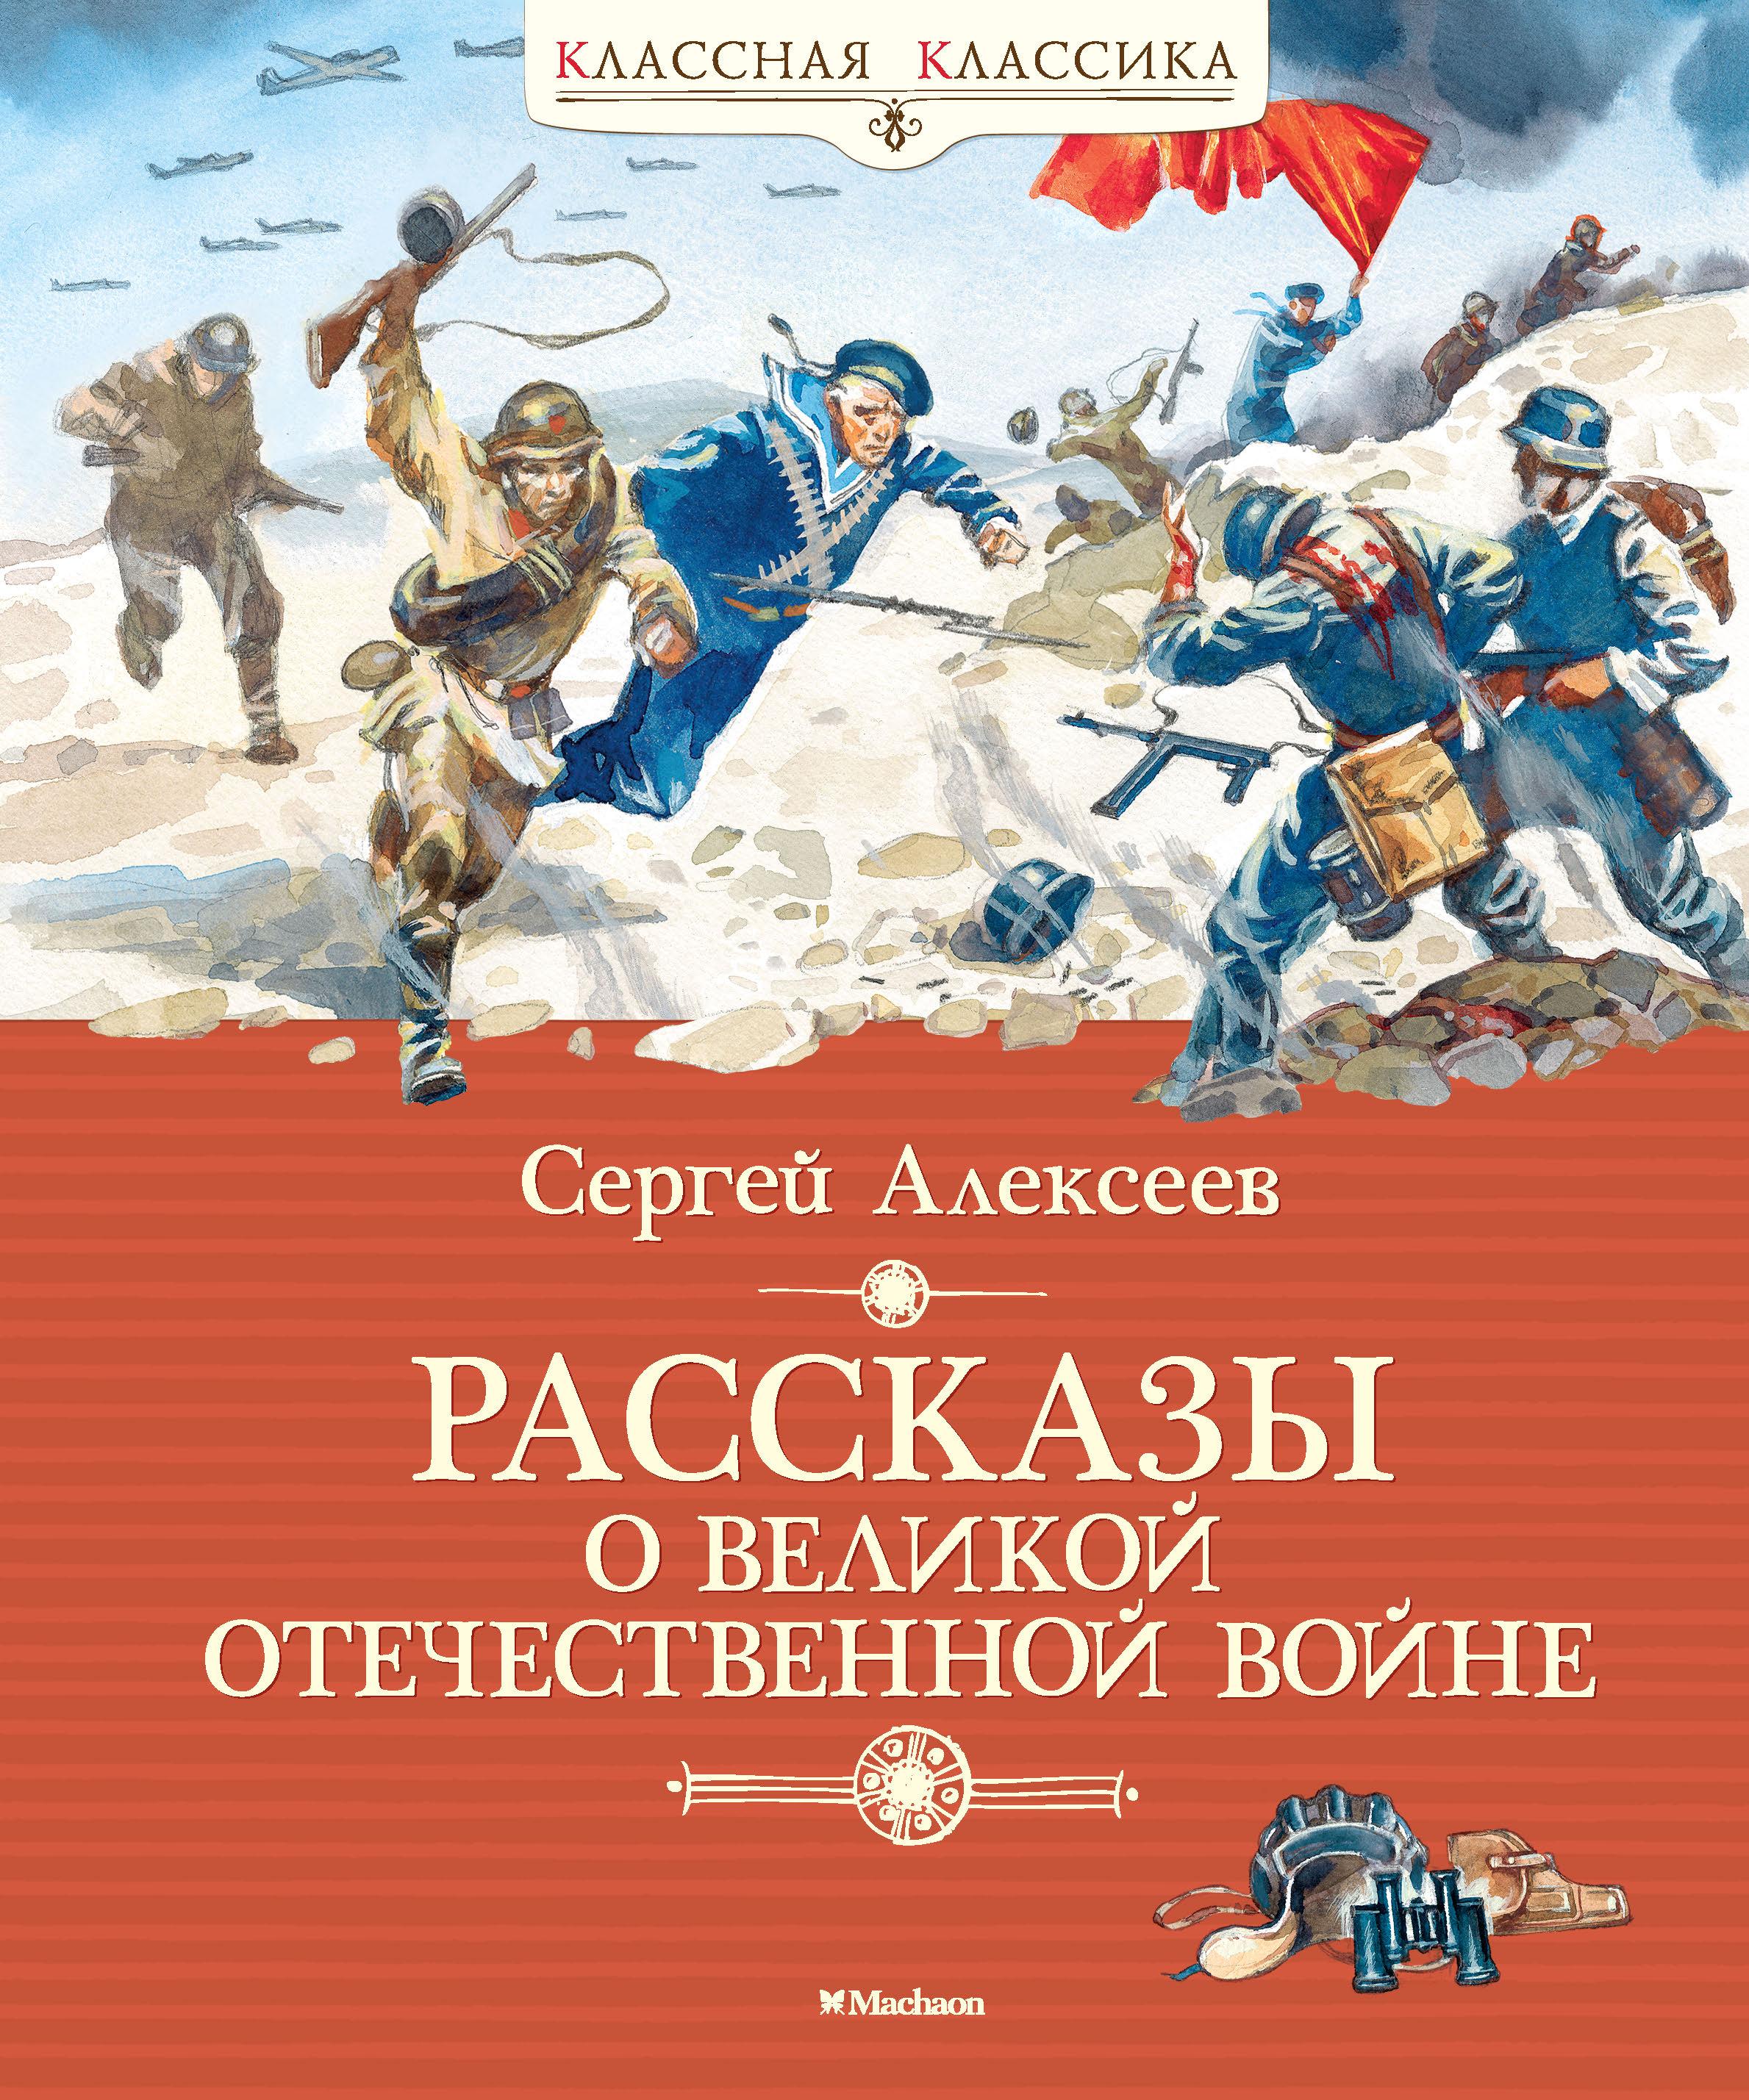 Сергей Алексеев Рассказы о Великой Отечественной войне